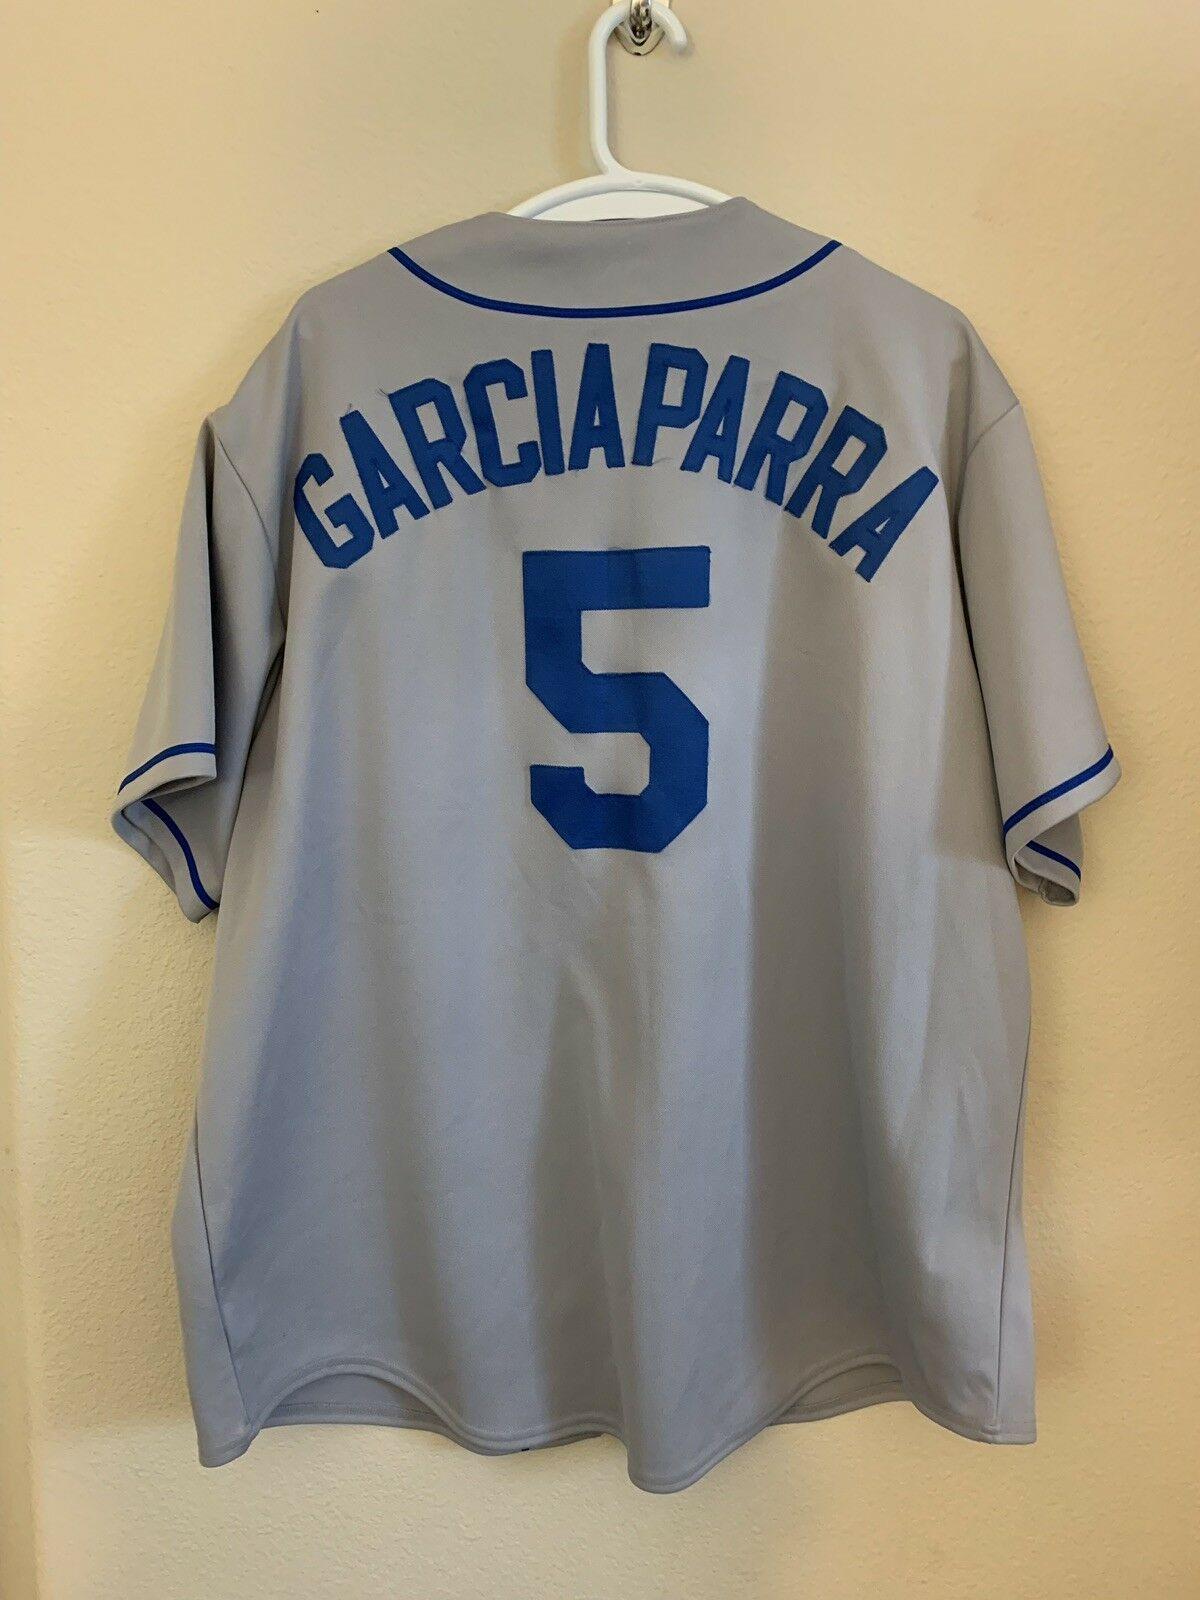 2c7a41d6ff9 S l1600. S l1600. Previous. LA Dodgers Geniune merchandise majestic garciaparra  jersey  5 2xl